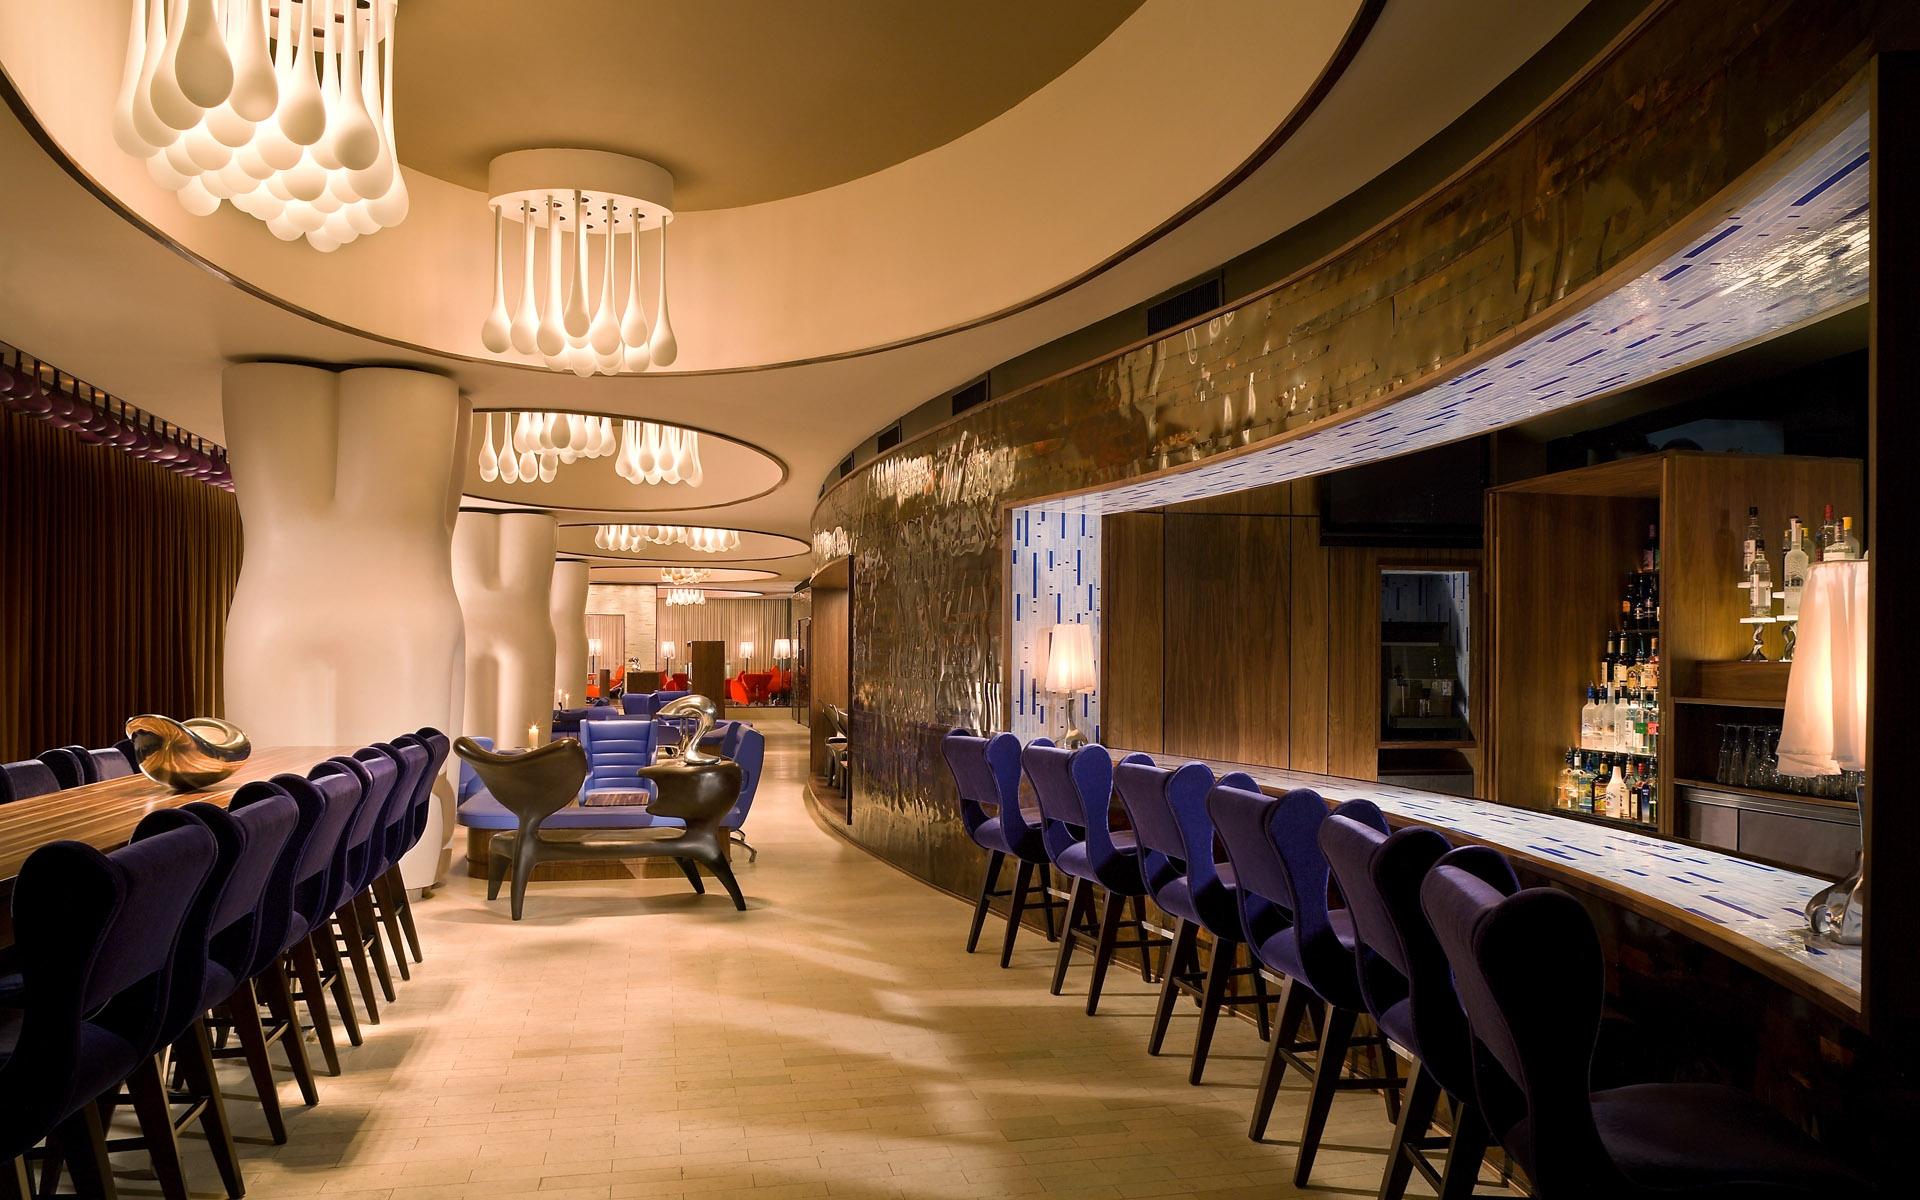 американским музыкантом фото красивый ресторан внутри бывают разного